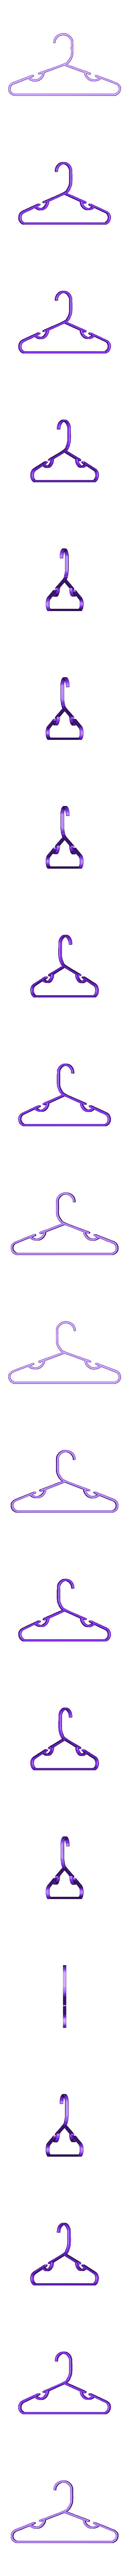 hanger.stl Descargar archivo STL Hanger • Diseño para la impresora 3D, iansjung